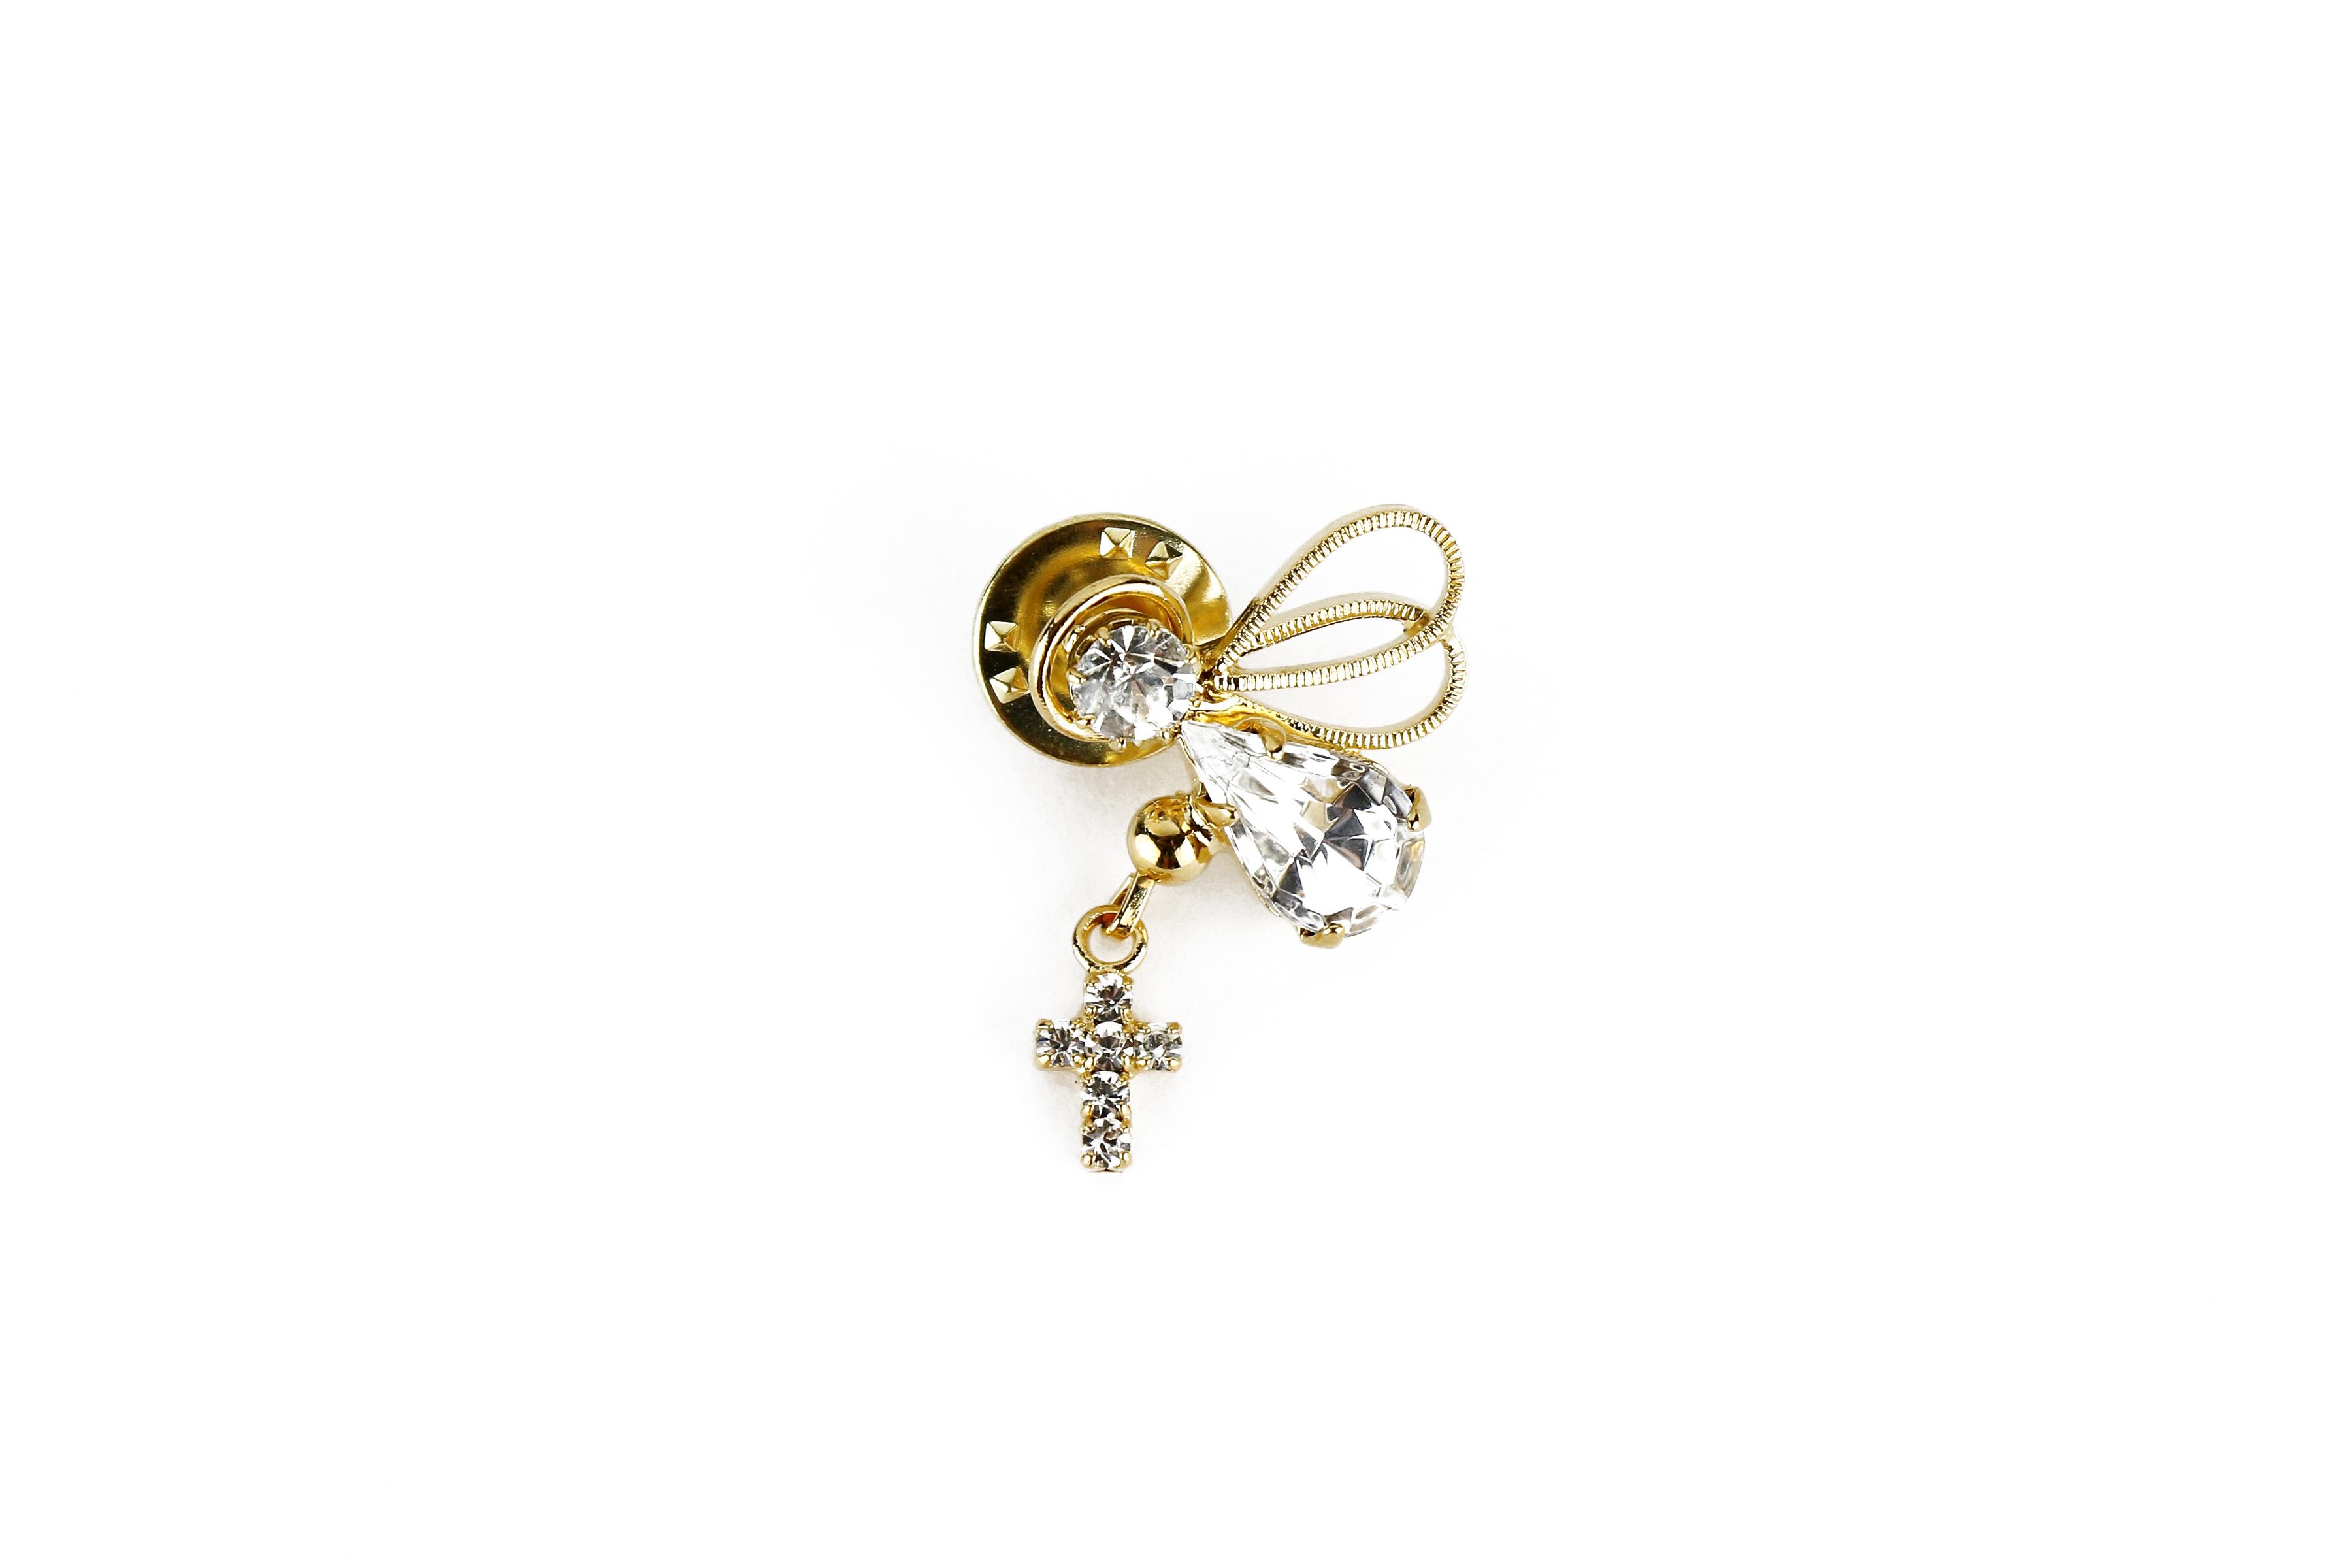 """Épinglette """"Ange et croix de cristal""""/ Angel and cross pin"""